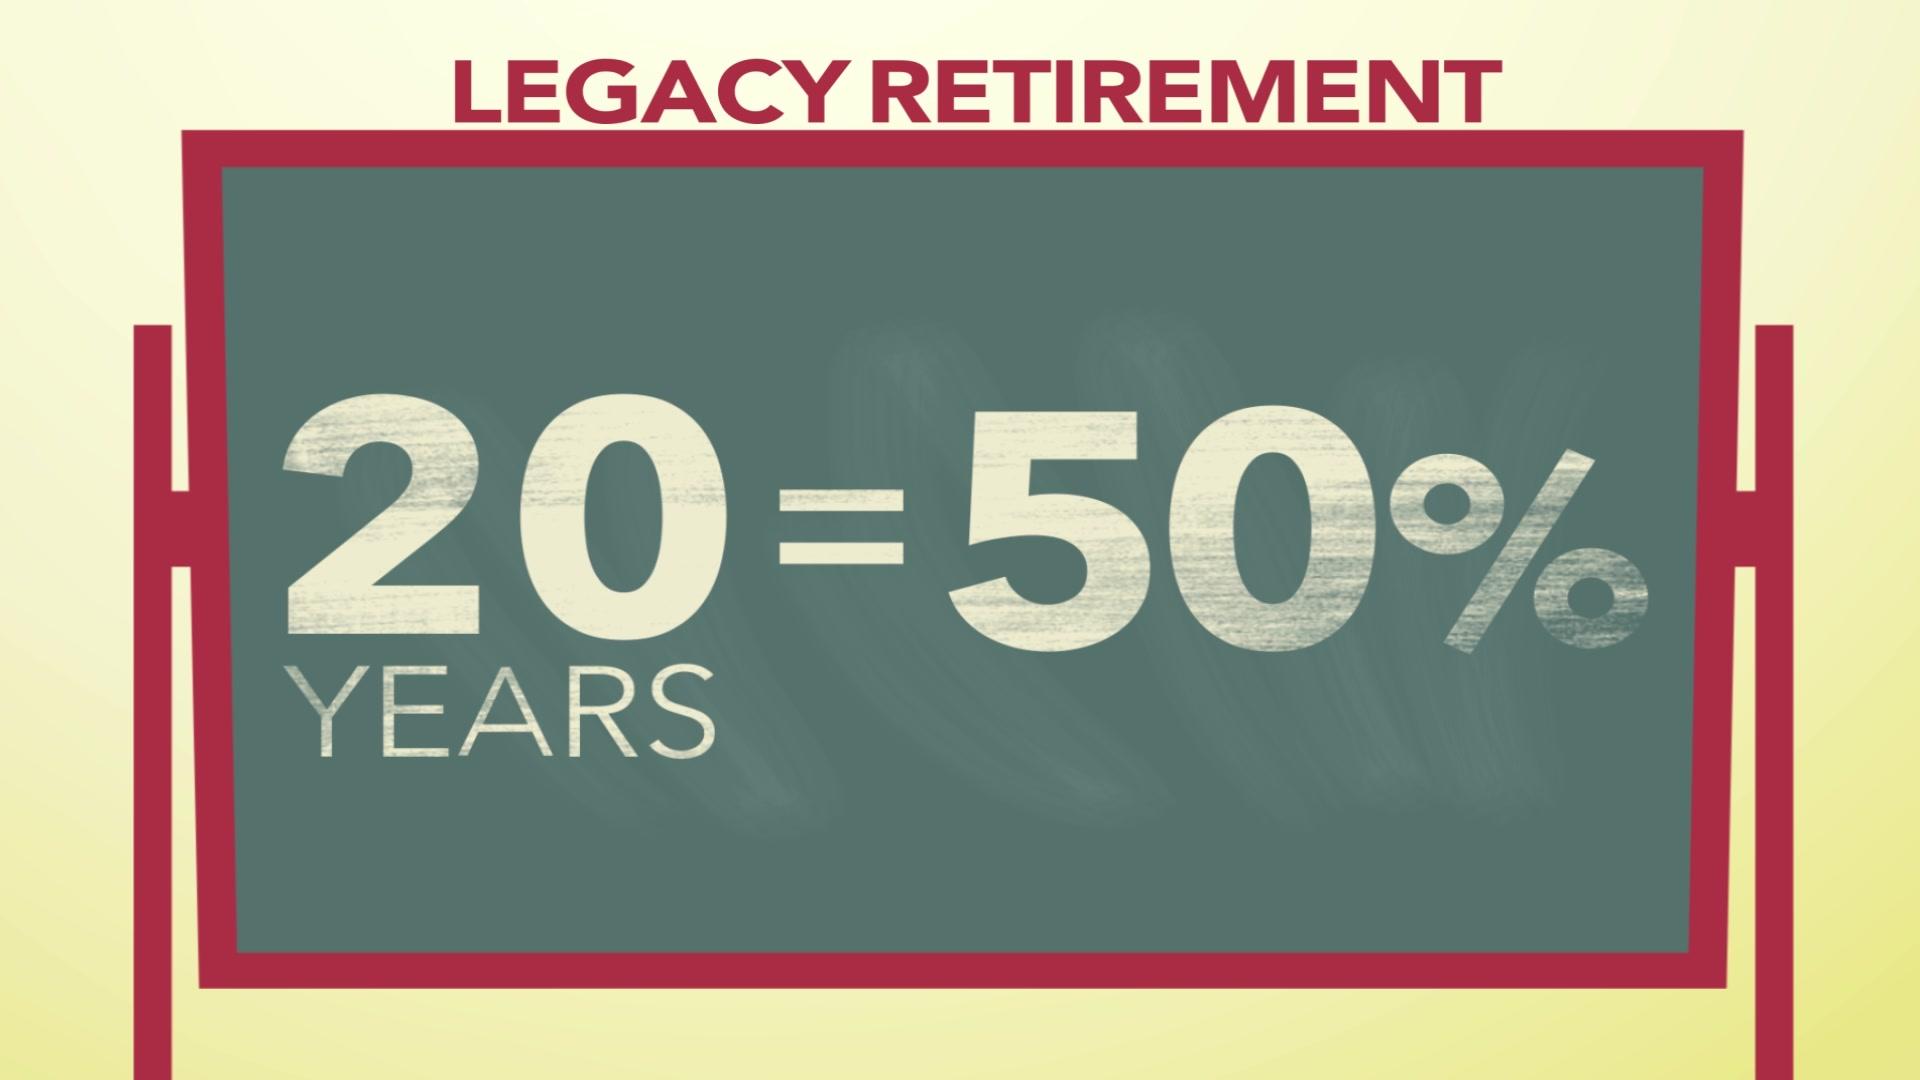 Blended Retirement System: Retirement